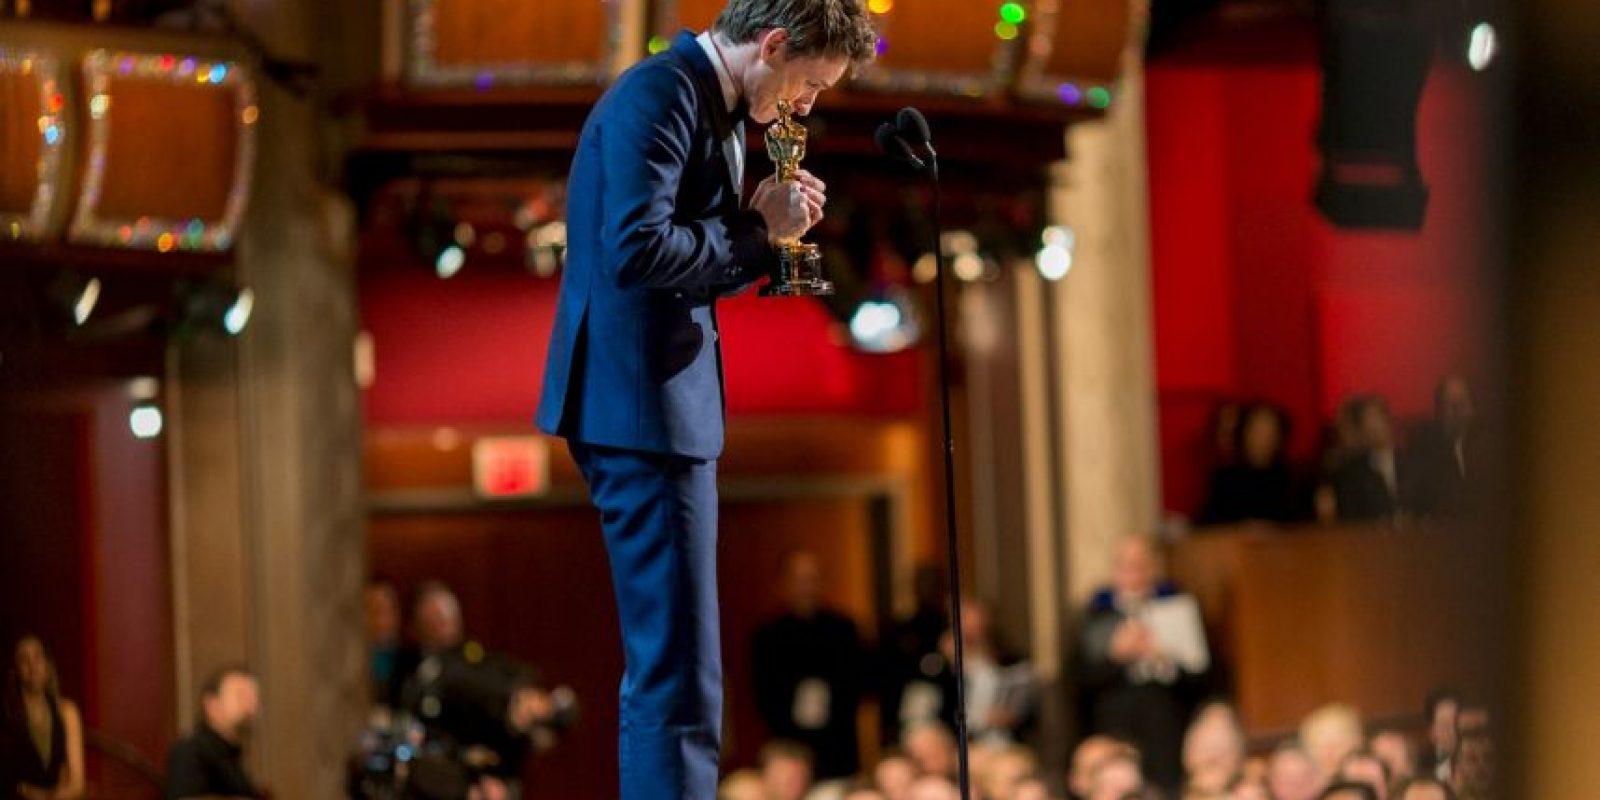 """El actor, Eddie Redmayne, ganó un Oscar en la categoría de mejor actor con la película """"La Teoría del todo"""" Foto:Getty Images"""